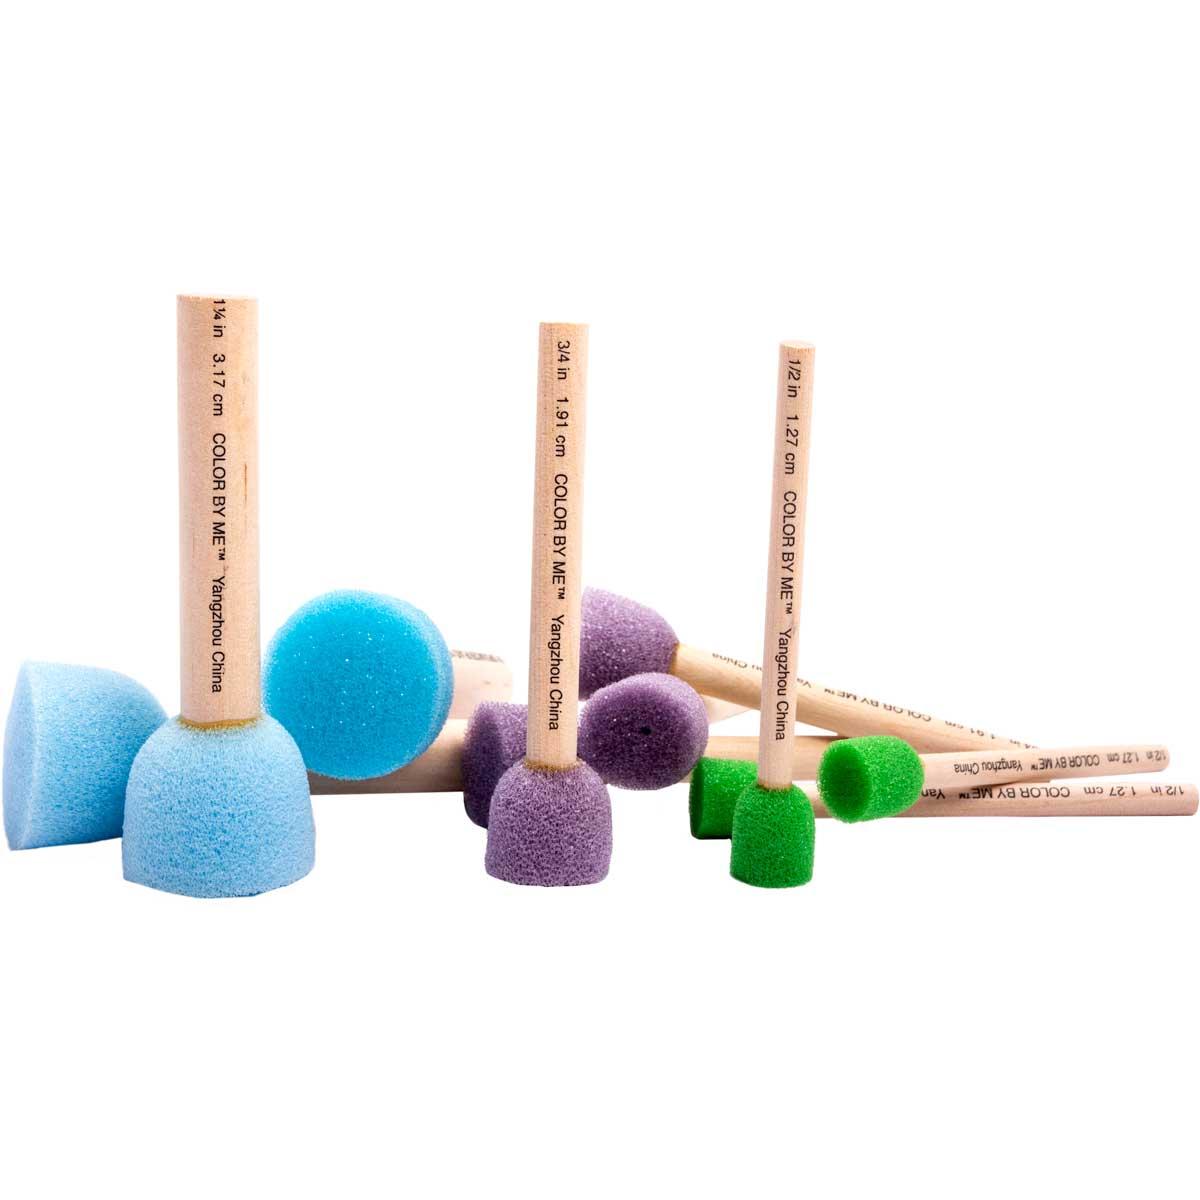 Plaid ® Color By Me™ Brush Sets - Spouncers, 10 pc.